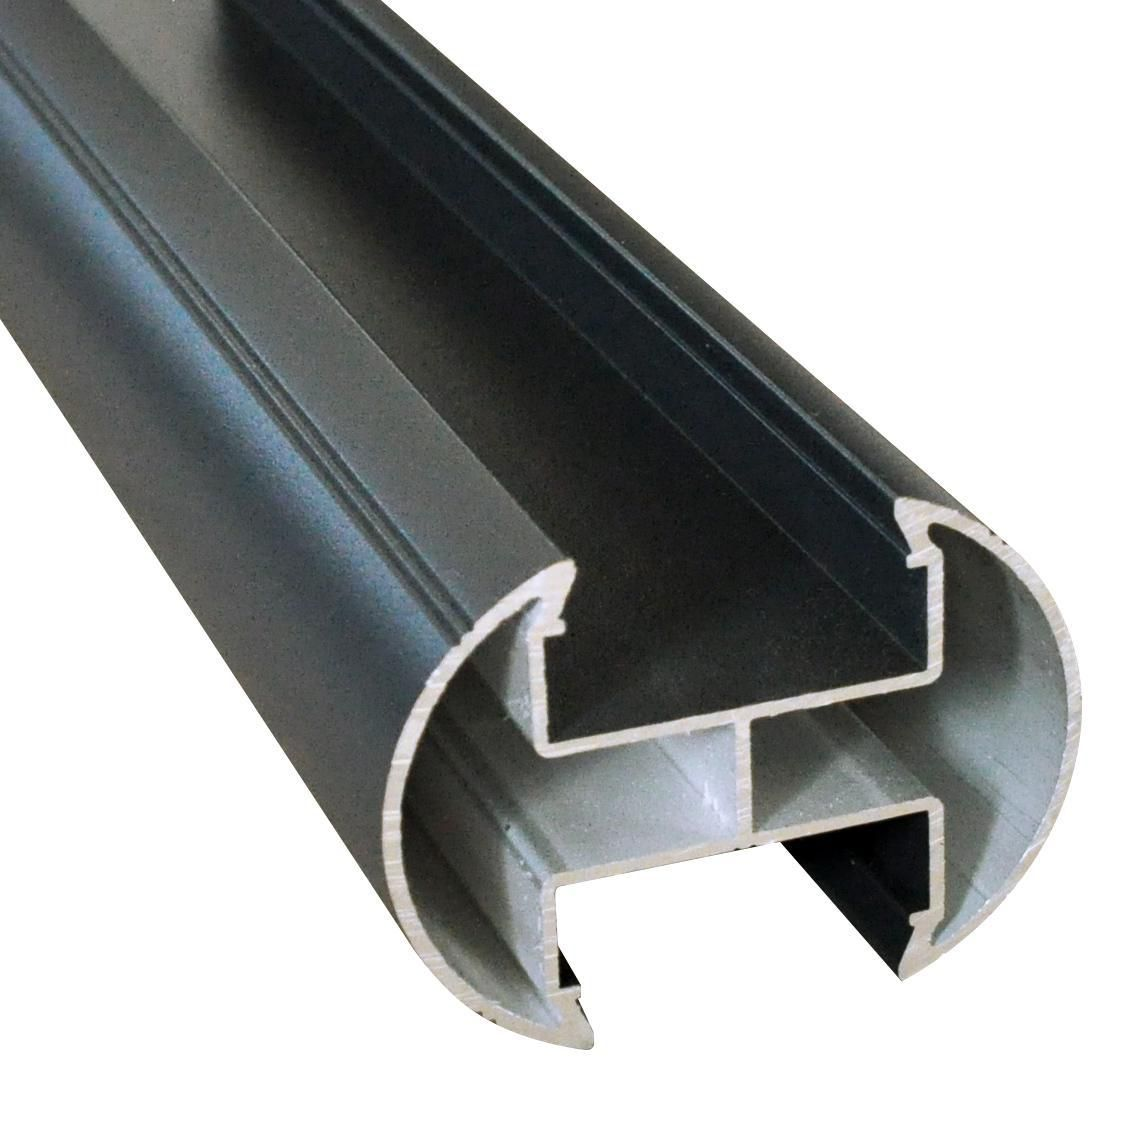 Protac poteau de cl ture aluminium preserve lames profil aztek gris anthracite h 2 50 m for Cloture alu gris anthracite